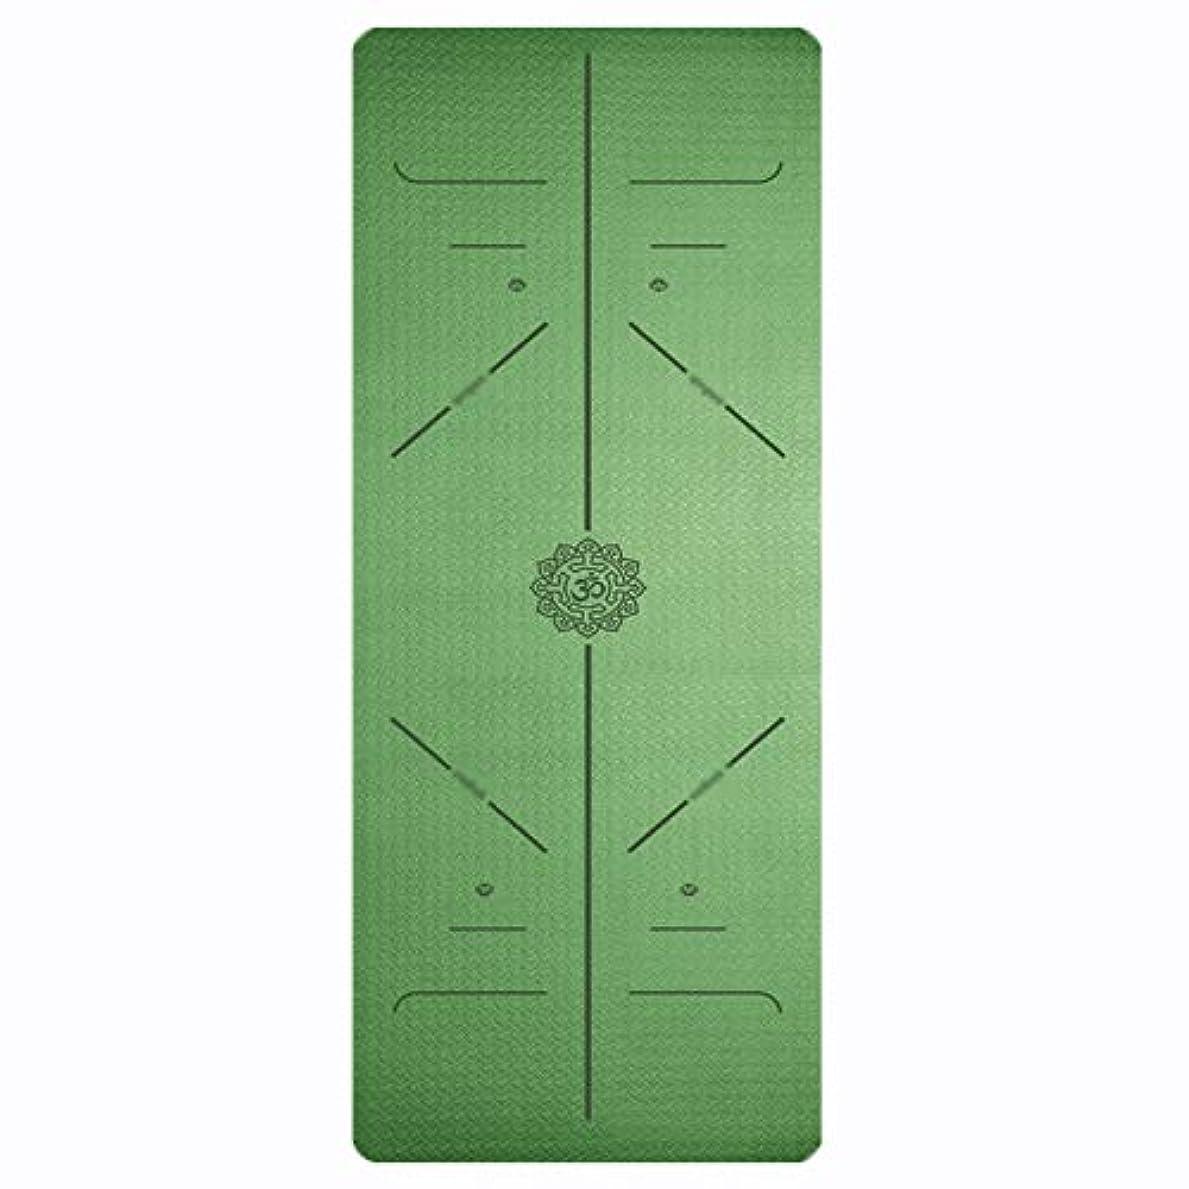 敗北どっちでもスラム街寝袋アウトドアアウトドアブッシュスリーシーズンキャンプ TPEボディラインヨガマット非スリップ高密度フィットネスクッションすべてのタイプのヨガ付きキャリングストラップ3色 で利用できる単一の二重色 (サイズ さいず : 緑-6mm, サイズ さいず : 183*80cm)